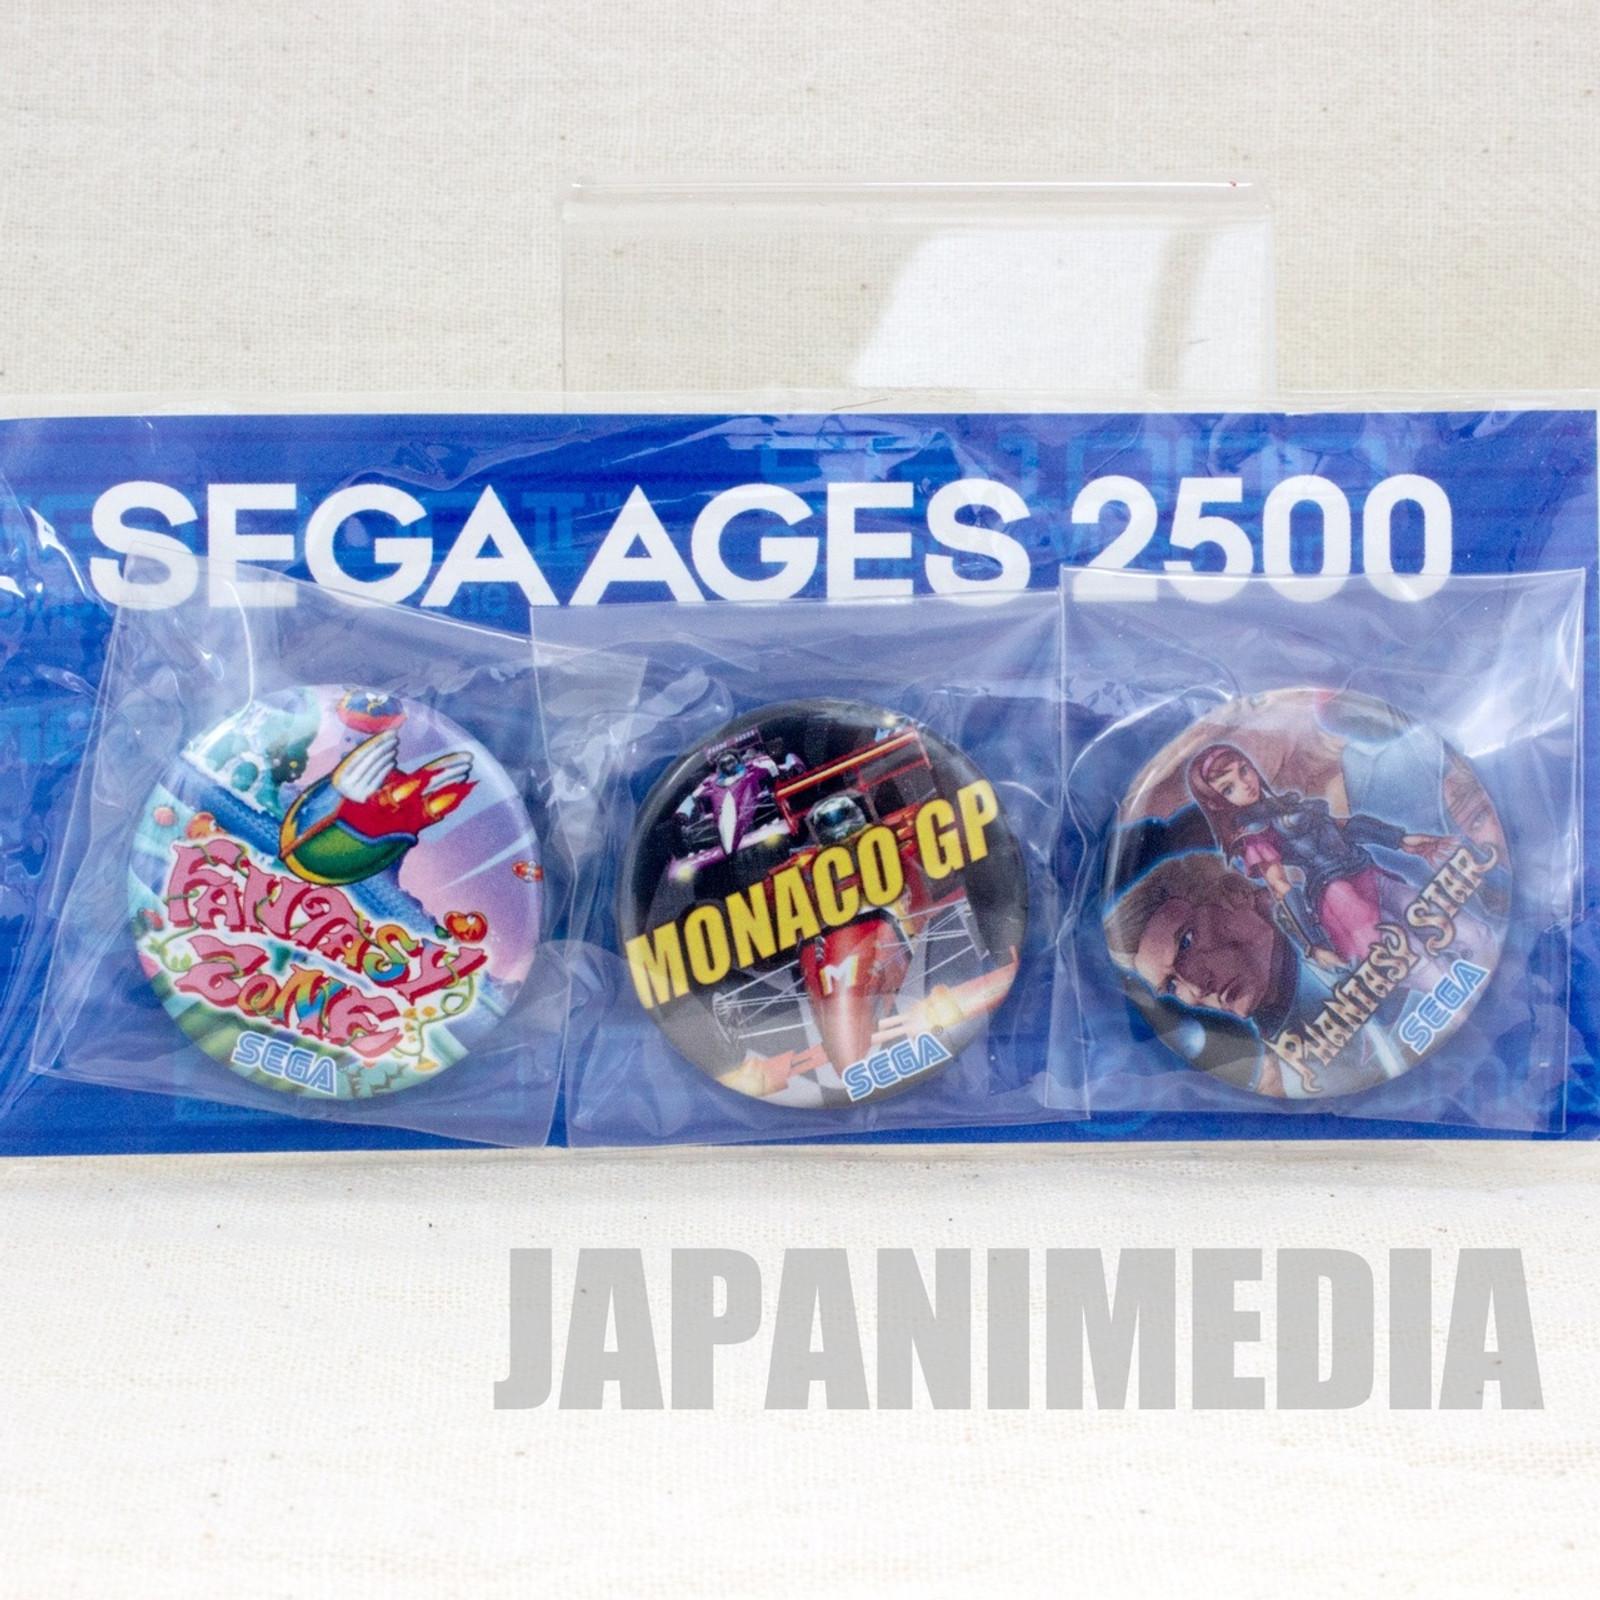 SEGA AGES 2500 Button Badge 3pc Set Fantasy Zone Monaco GP Phantasy Star